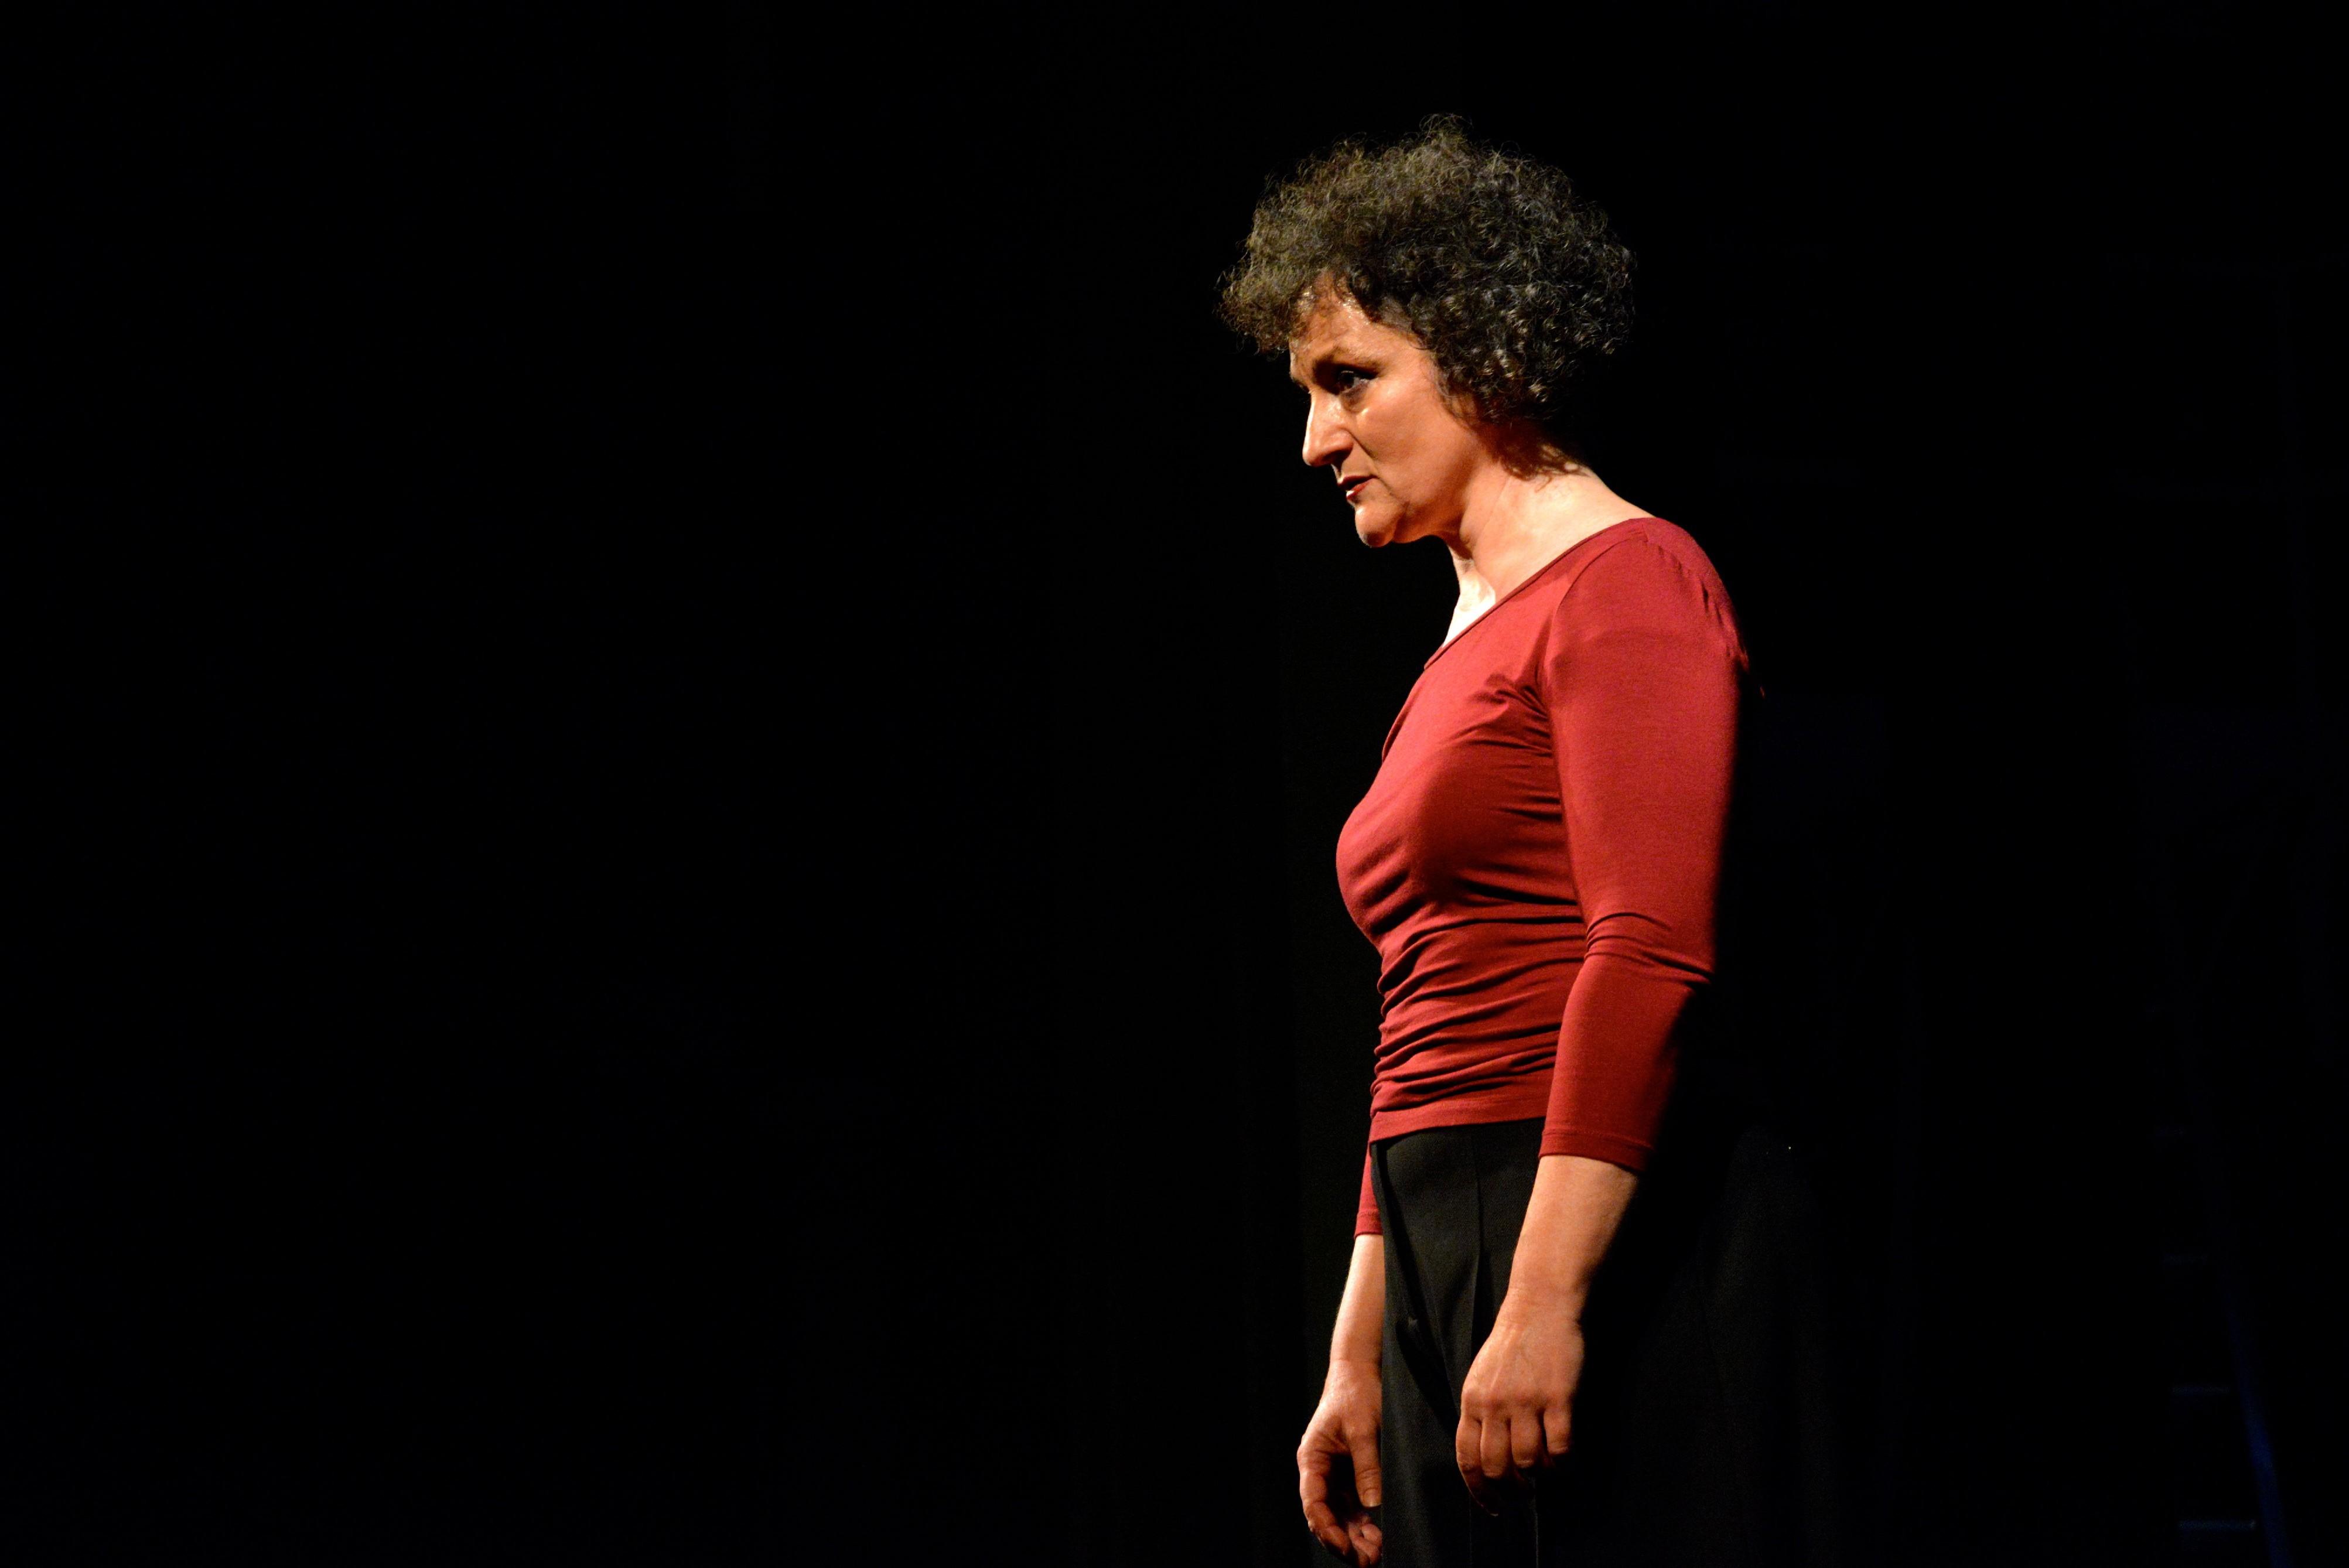 Debutta il 20 ottobre in prima nazionale al Teatro Lo Spazio uno spettacolo multimediale, insolito ed emozionante dal titolo Rose is a Rose is a rose is a rose, di […]